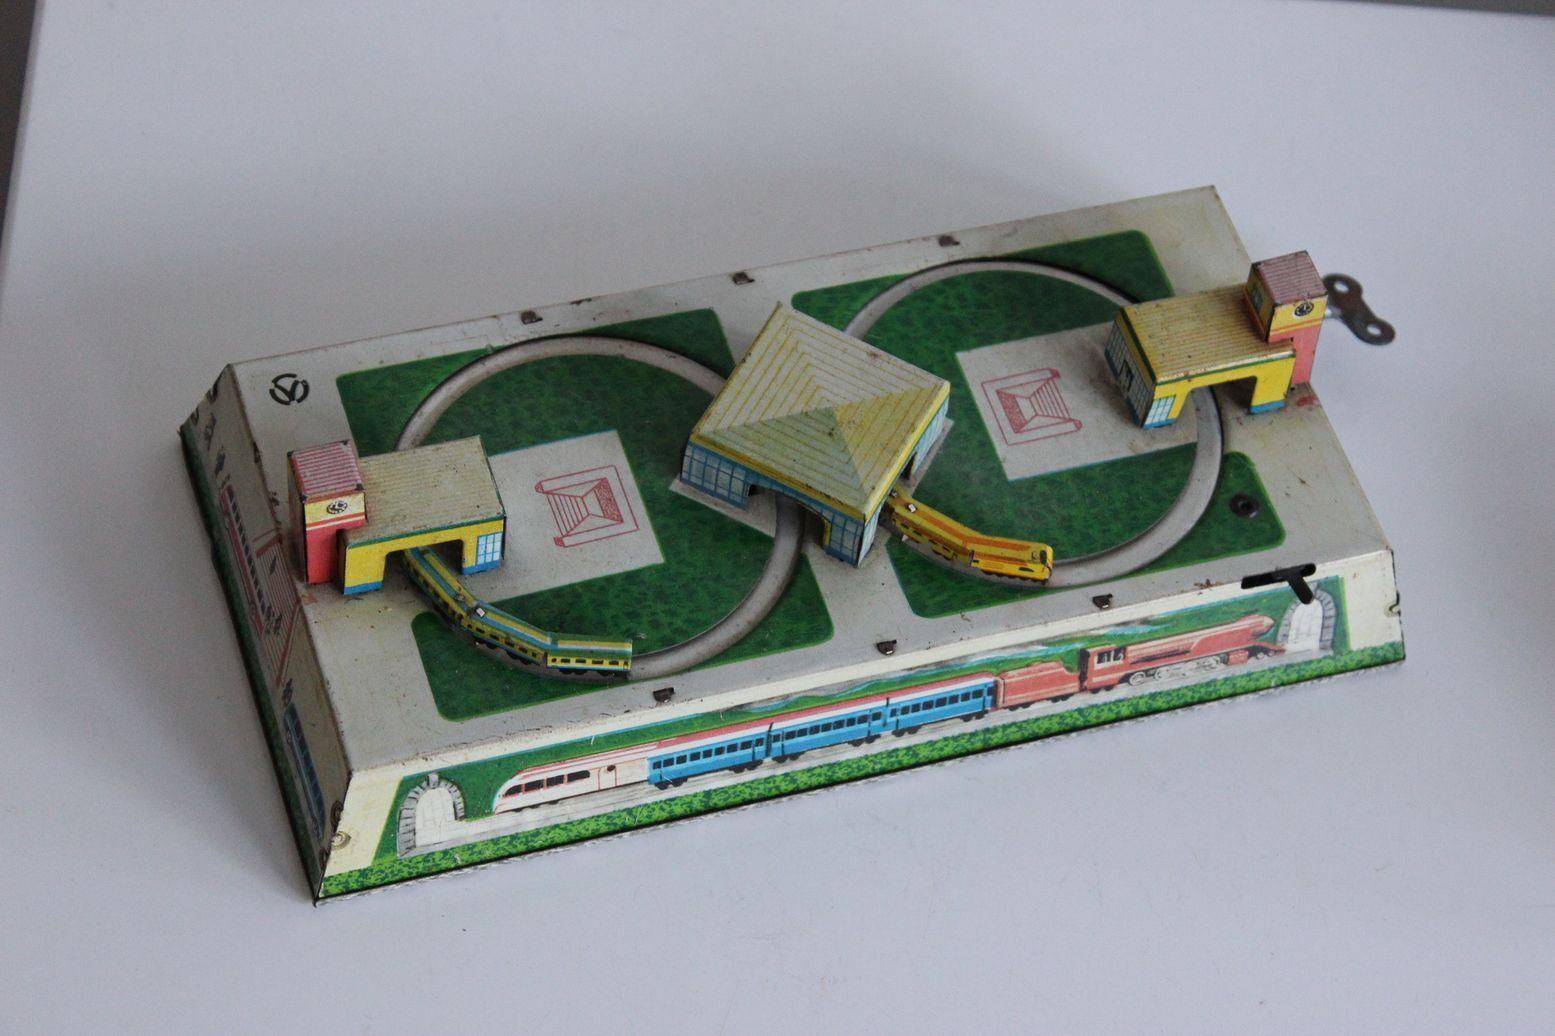 Jouet mécanique en Tôle lithographiée Train circuit à clé clé clé era Technofix aa7a67